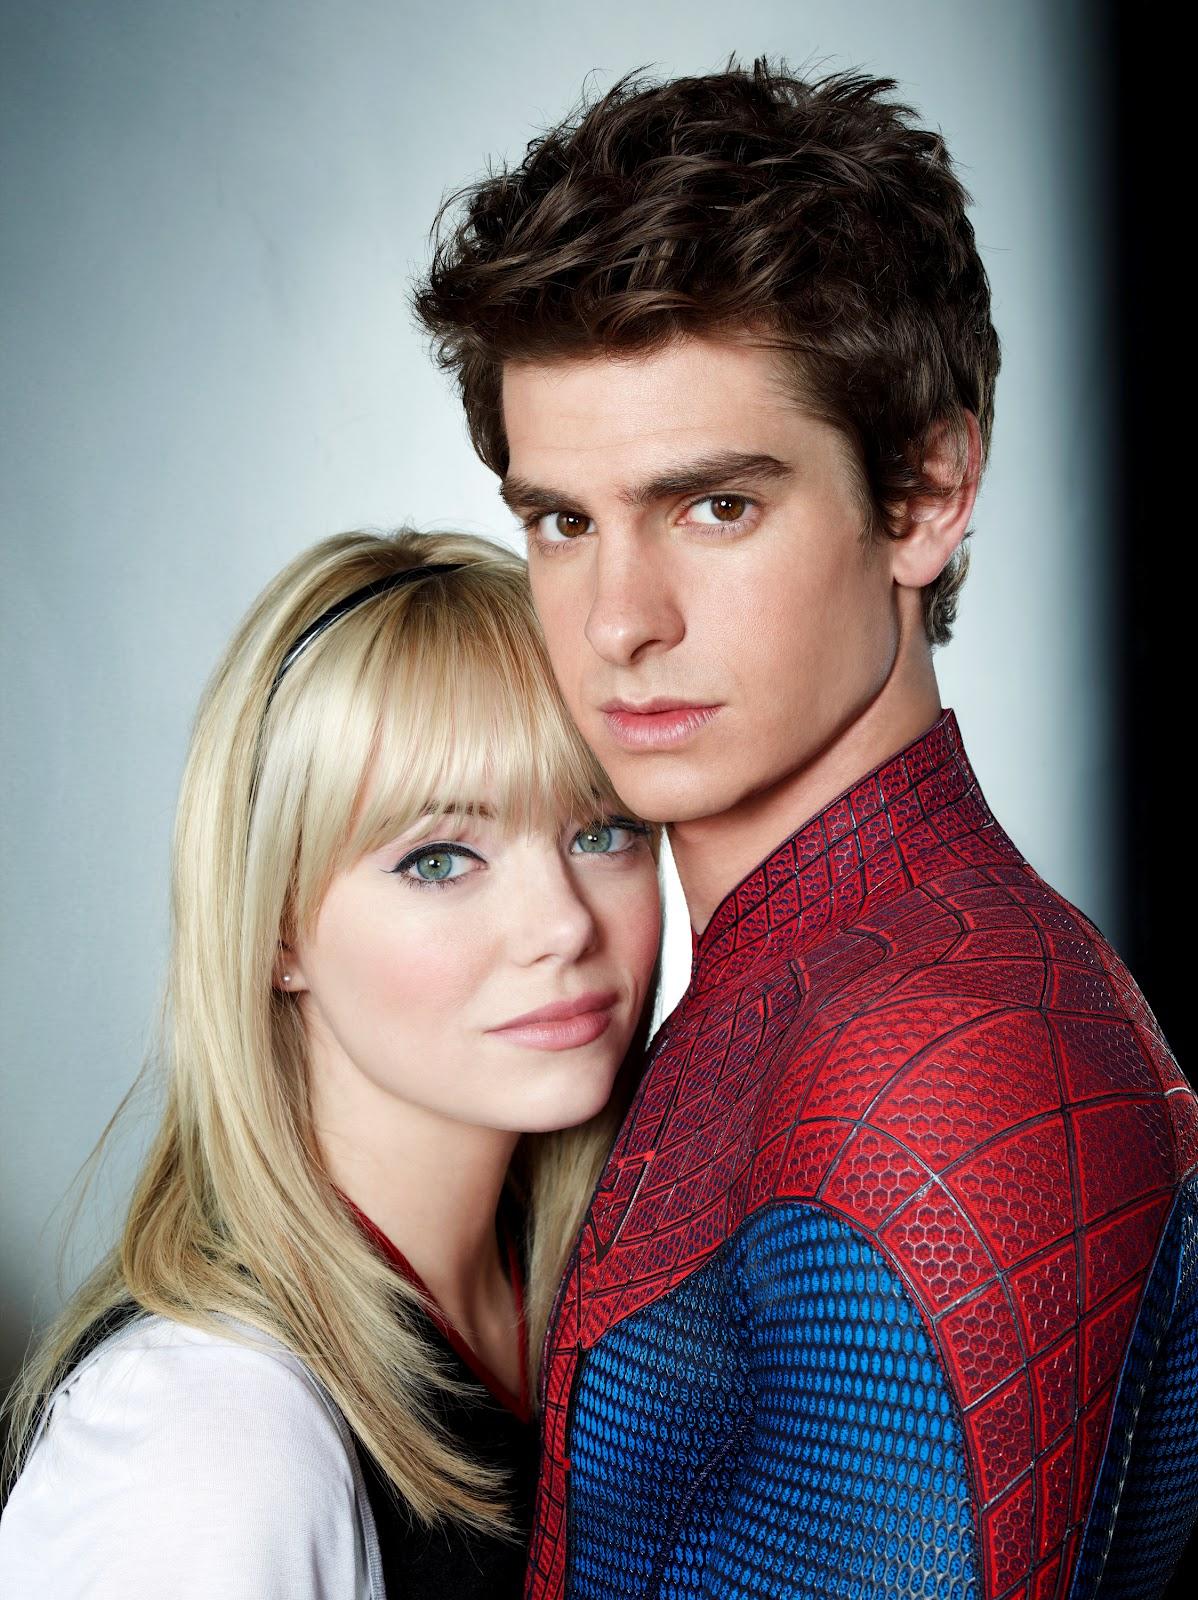 http://4.bp.blogspot.com/-1yBC2-WIPU4/T_b0-L35dZI/AAAAAAAAD7o/sA2v15dxo7c/s1600/the-amazing-spider-man-071.jpg